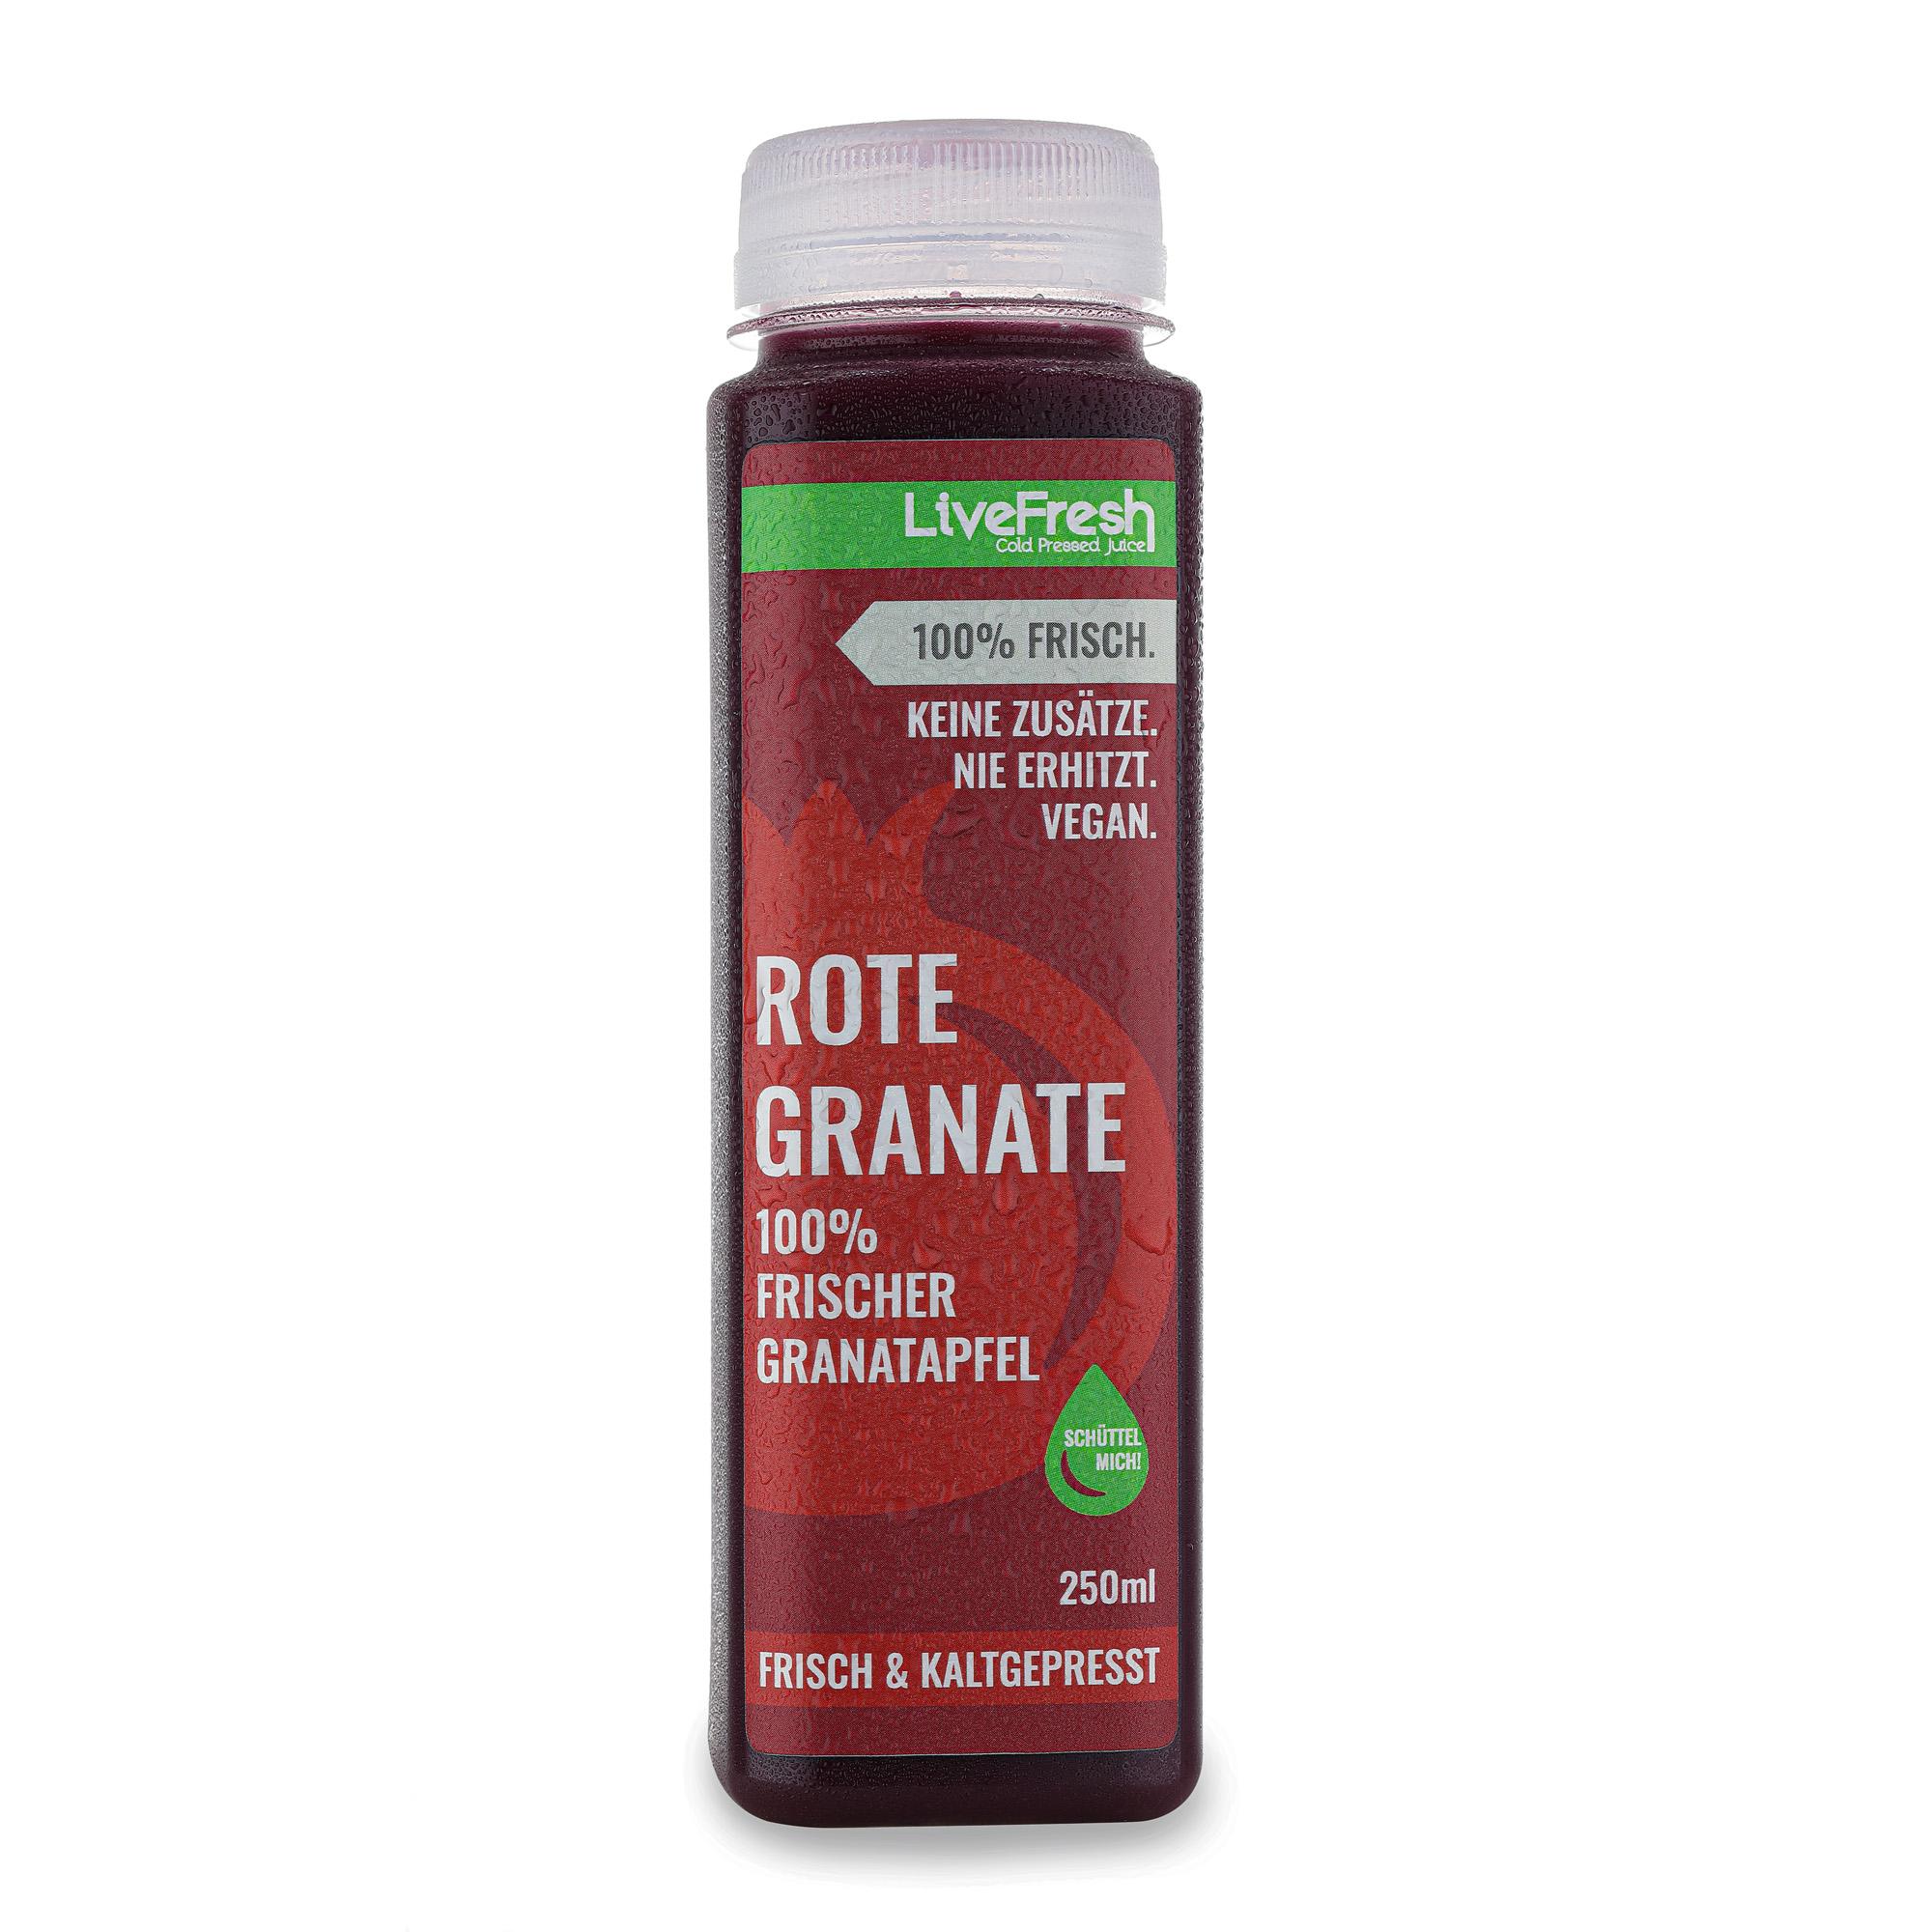 LiveFresh_Rote-Granate Der erste frische Granatapfelsaft von LiveFresh: Rot, sinnlich und voller Power